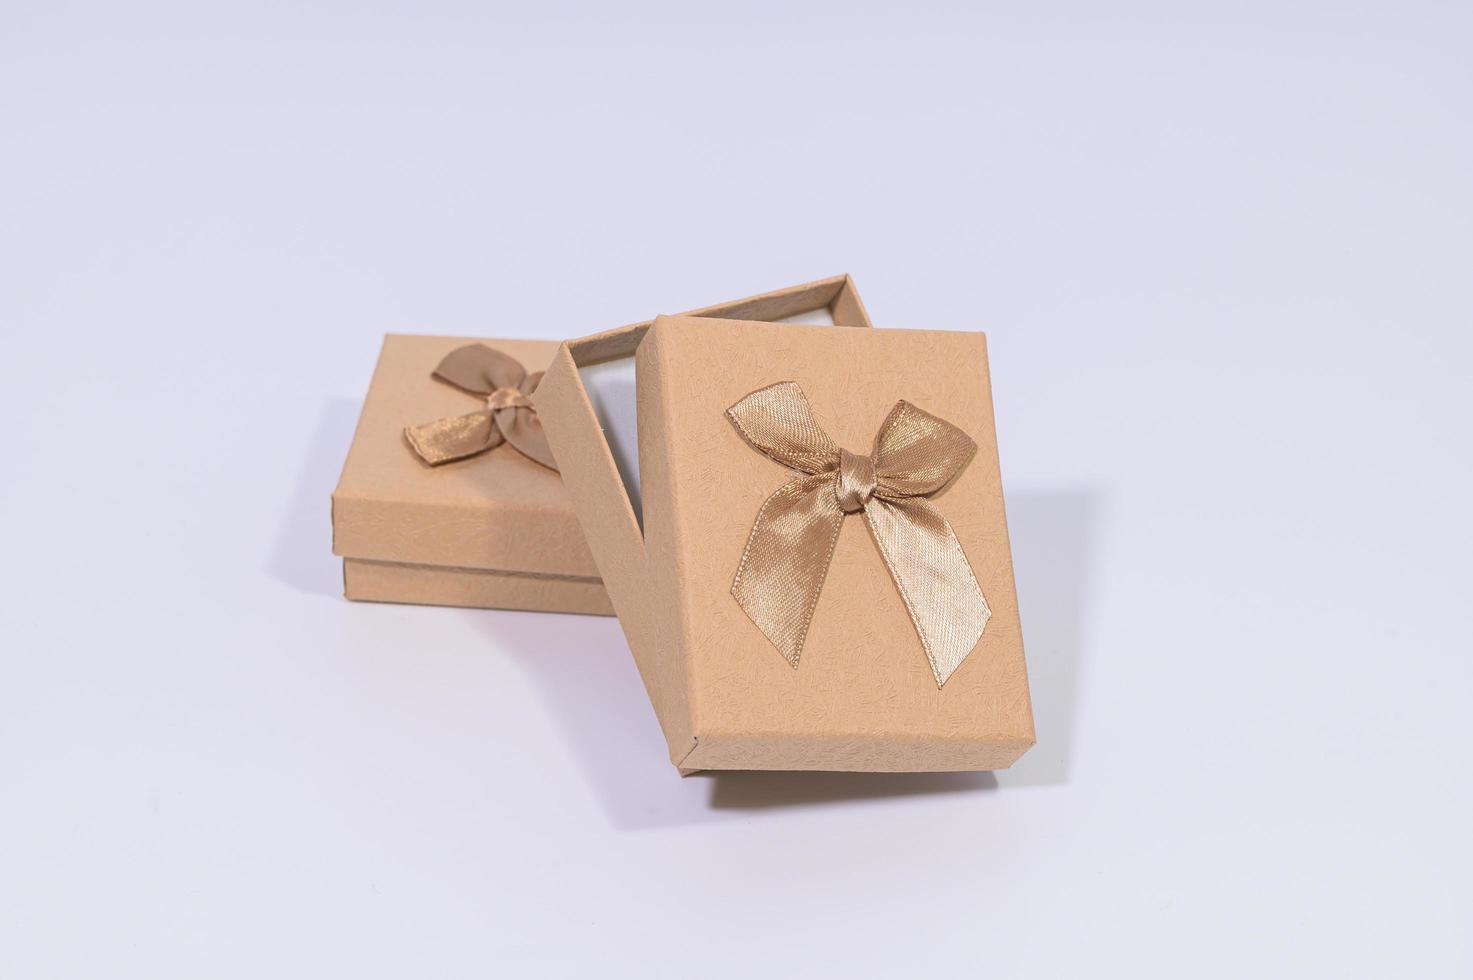 scatole regalo marrone su sfondo bianco foto